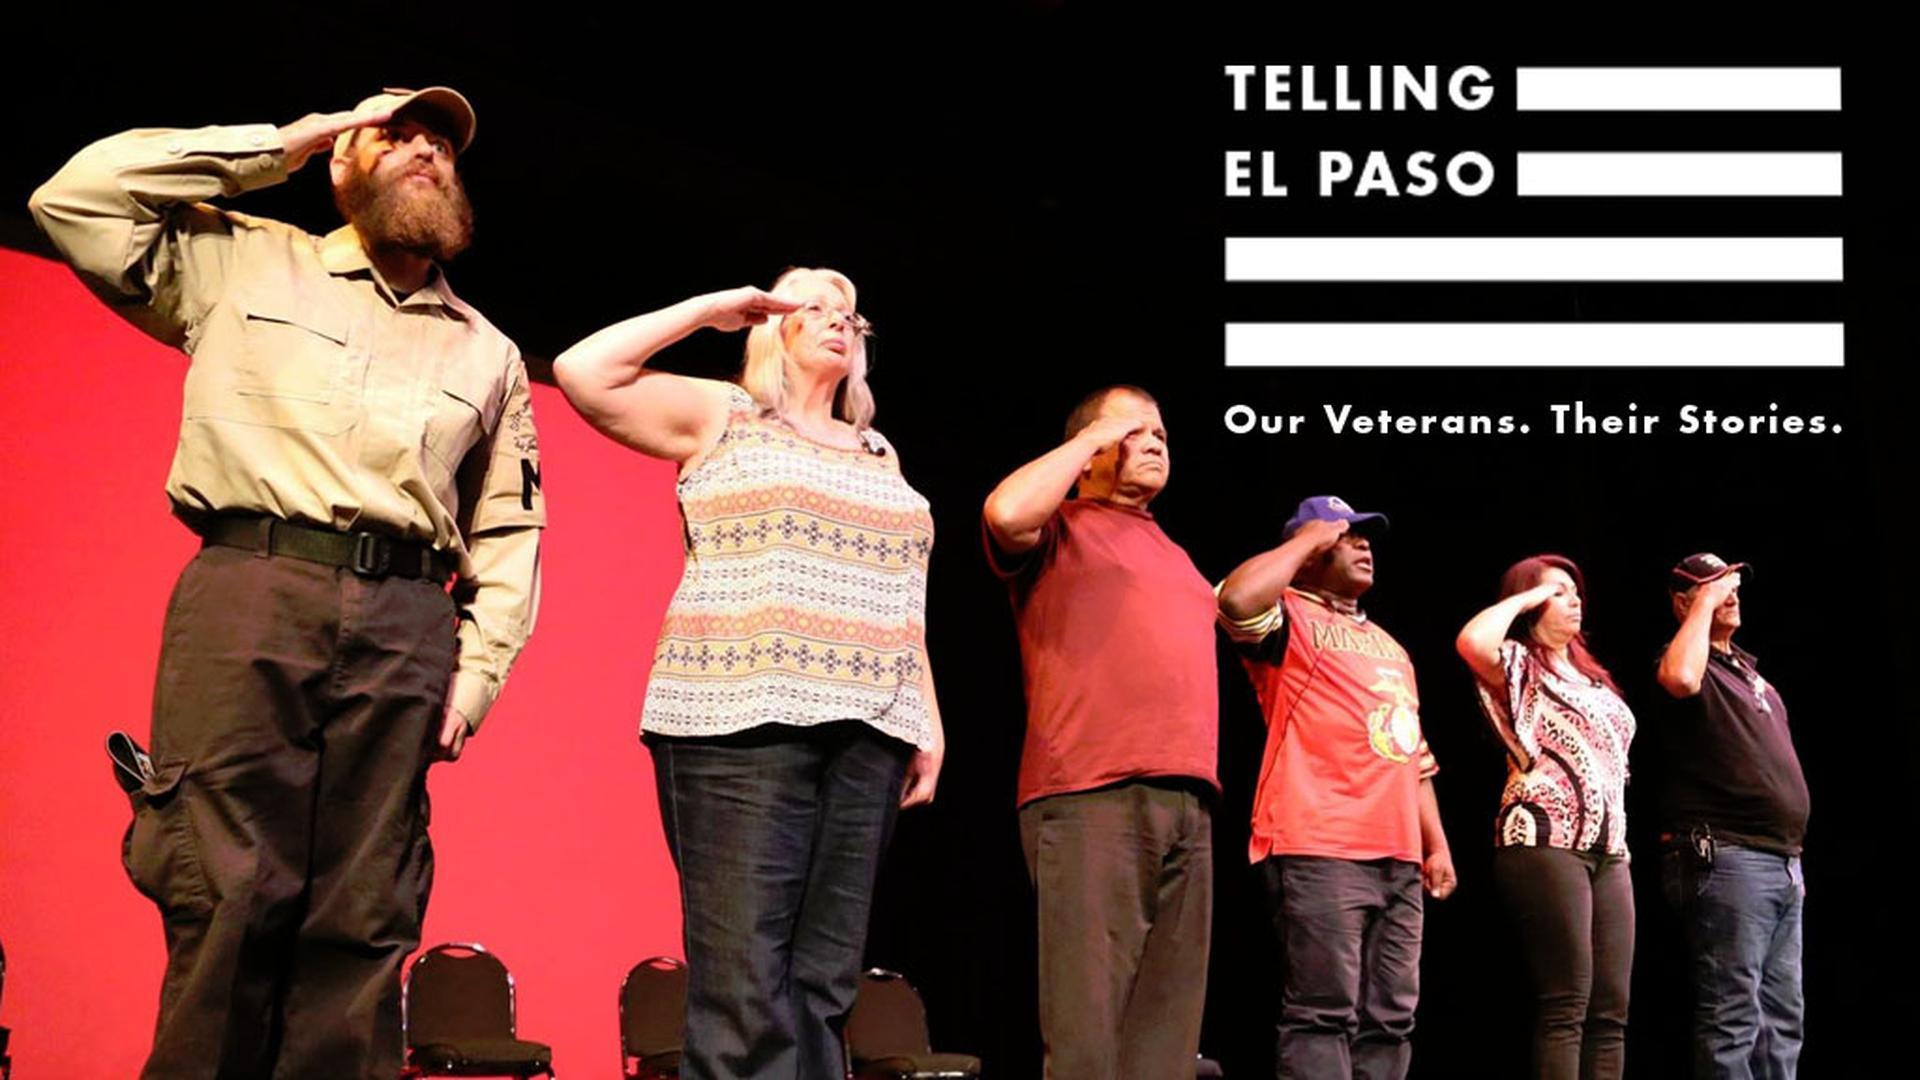 Telling El Paso